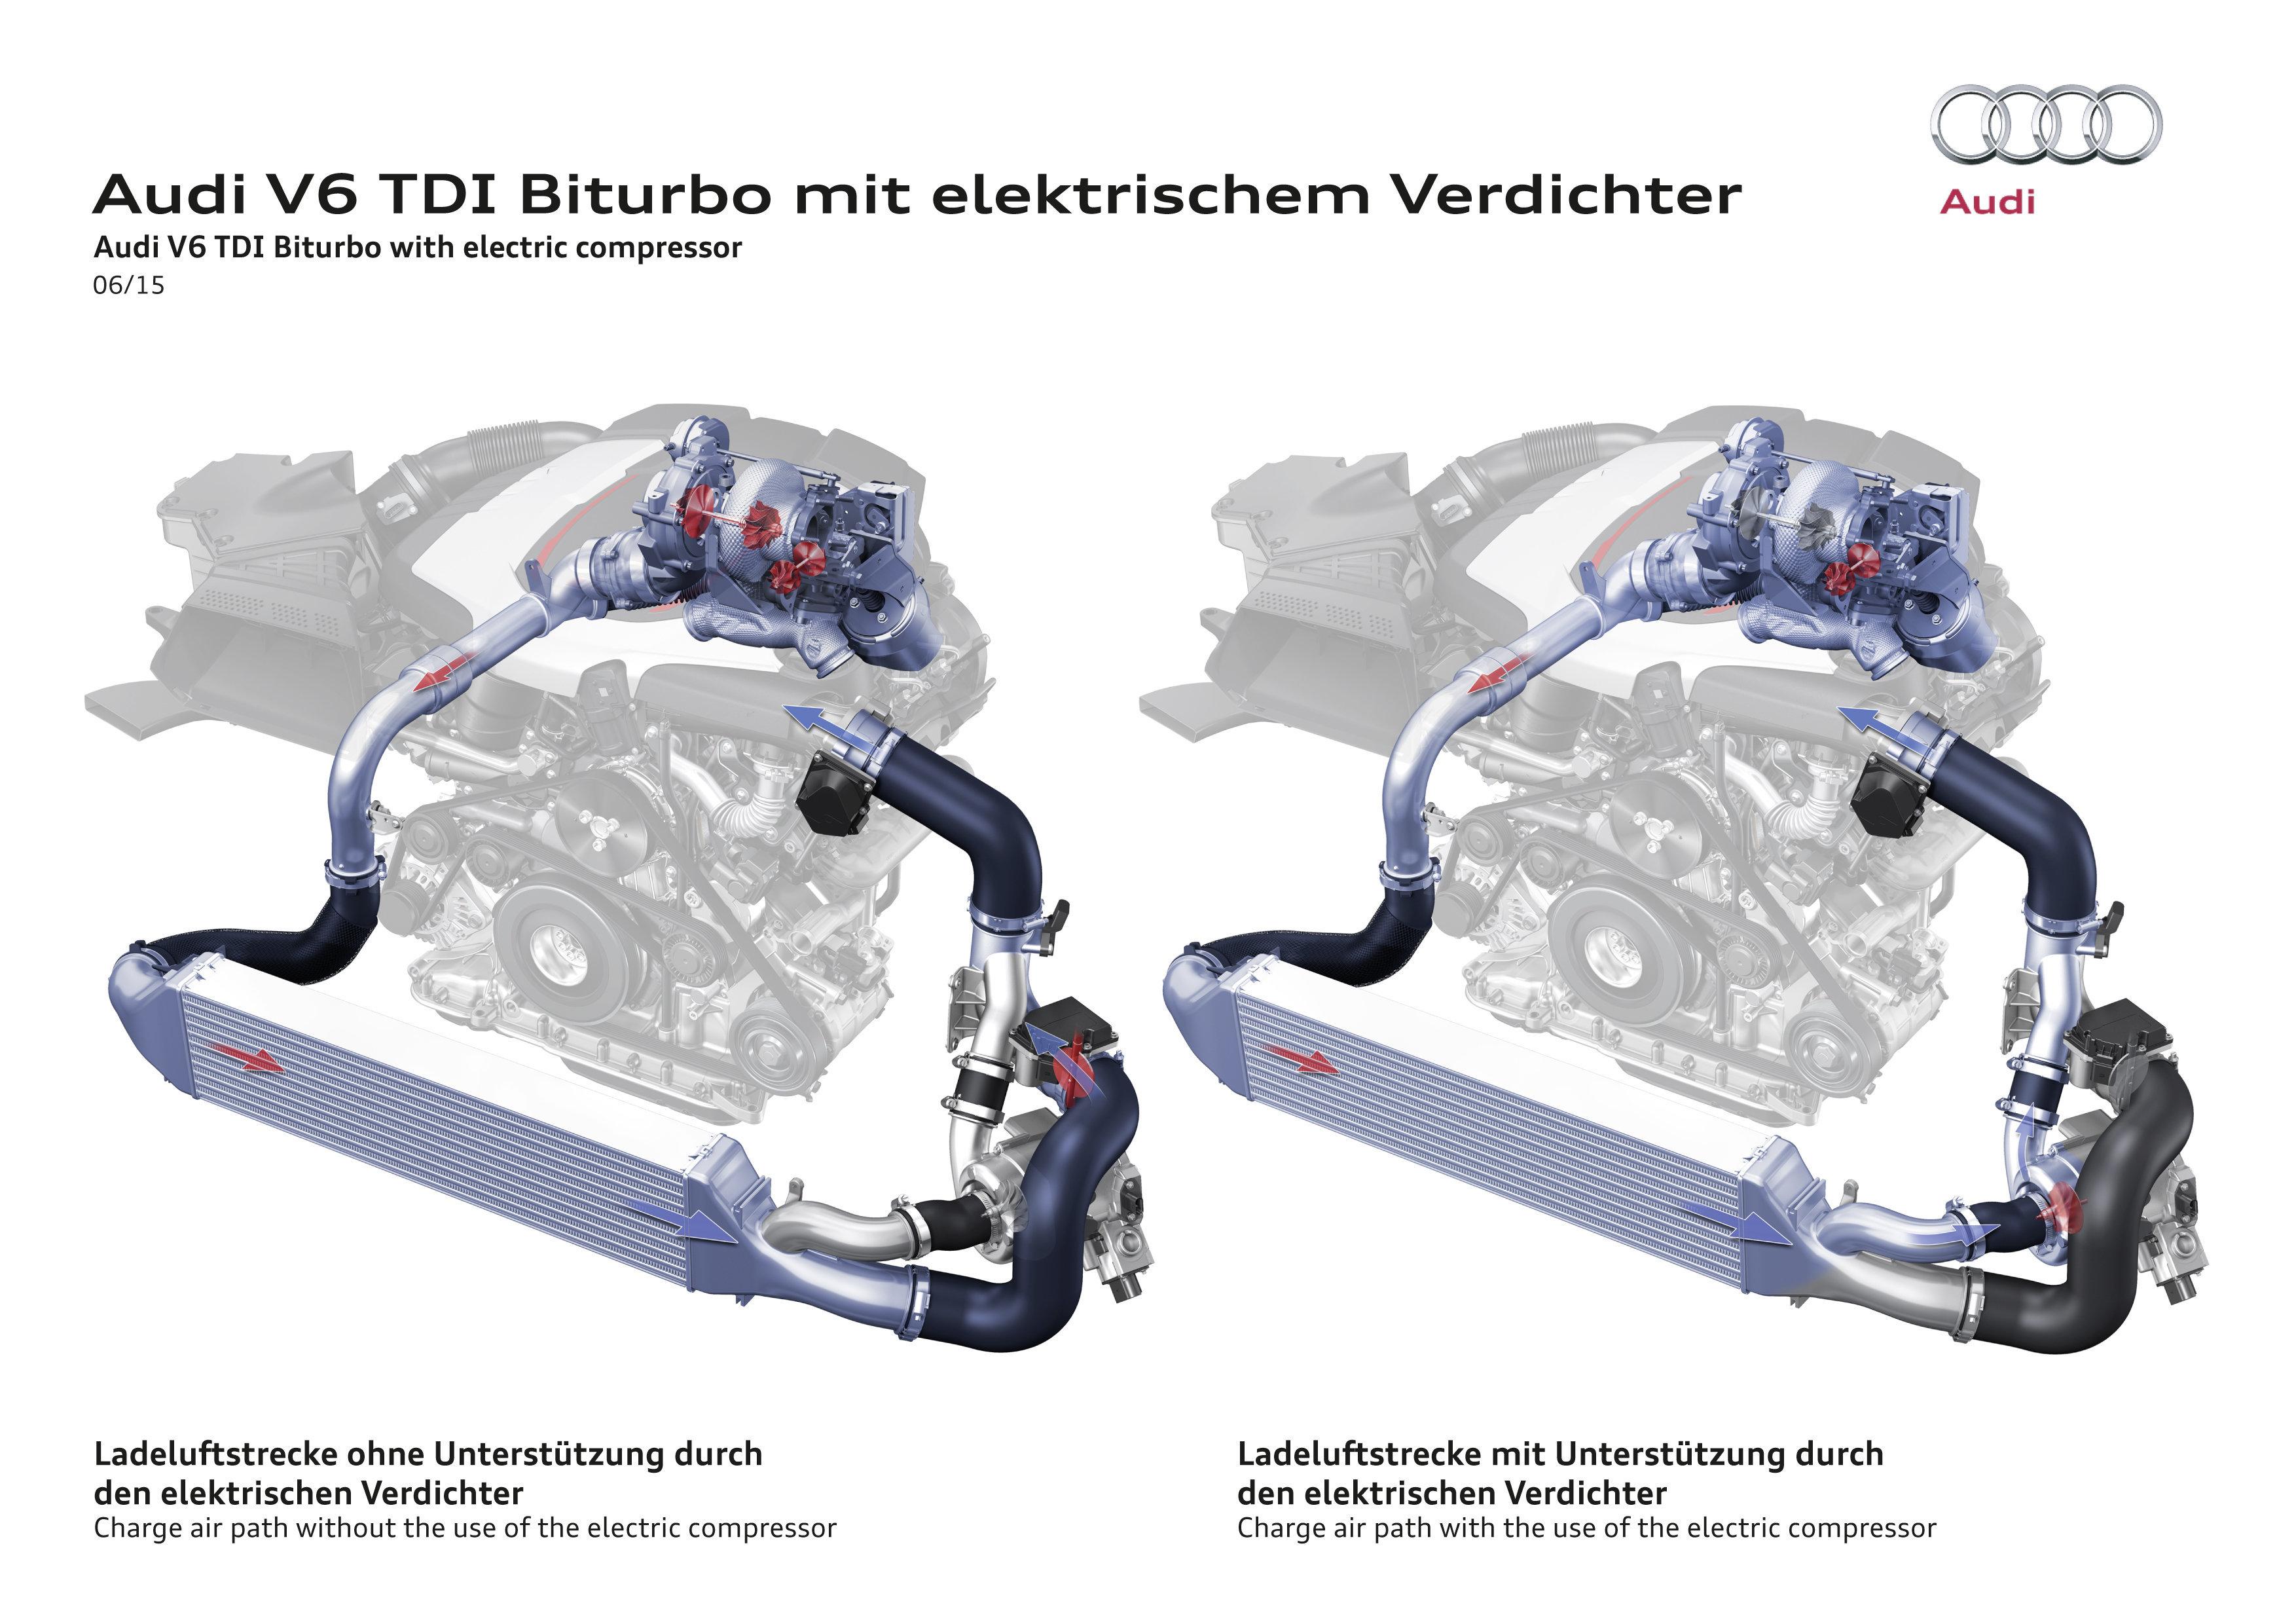 Zo schakelt het systeem: rechts blaast de kleine turbo zacht door de grote turbo, en verder naar de elektro-compressor. Links blaast bij hogere belasting de grote turbo mee, en staat de bypass langs de elektro-compressor open.